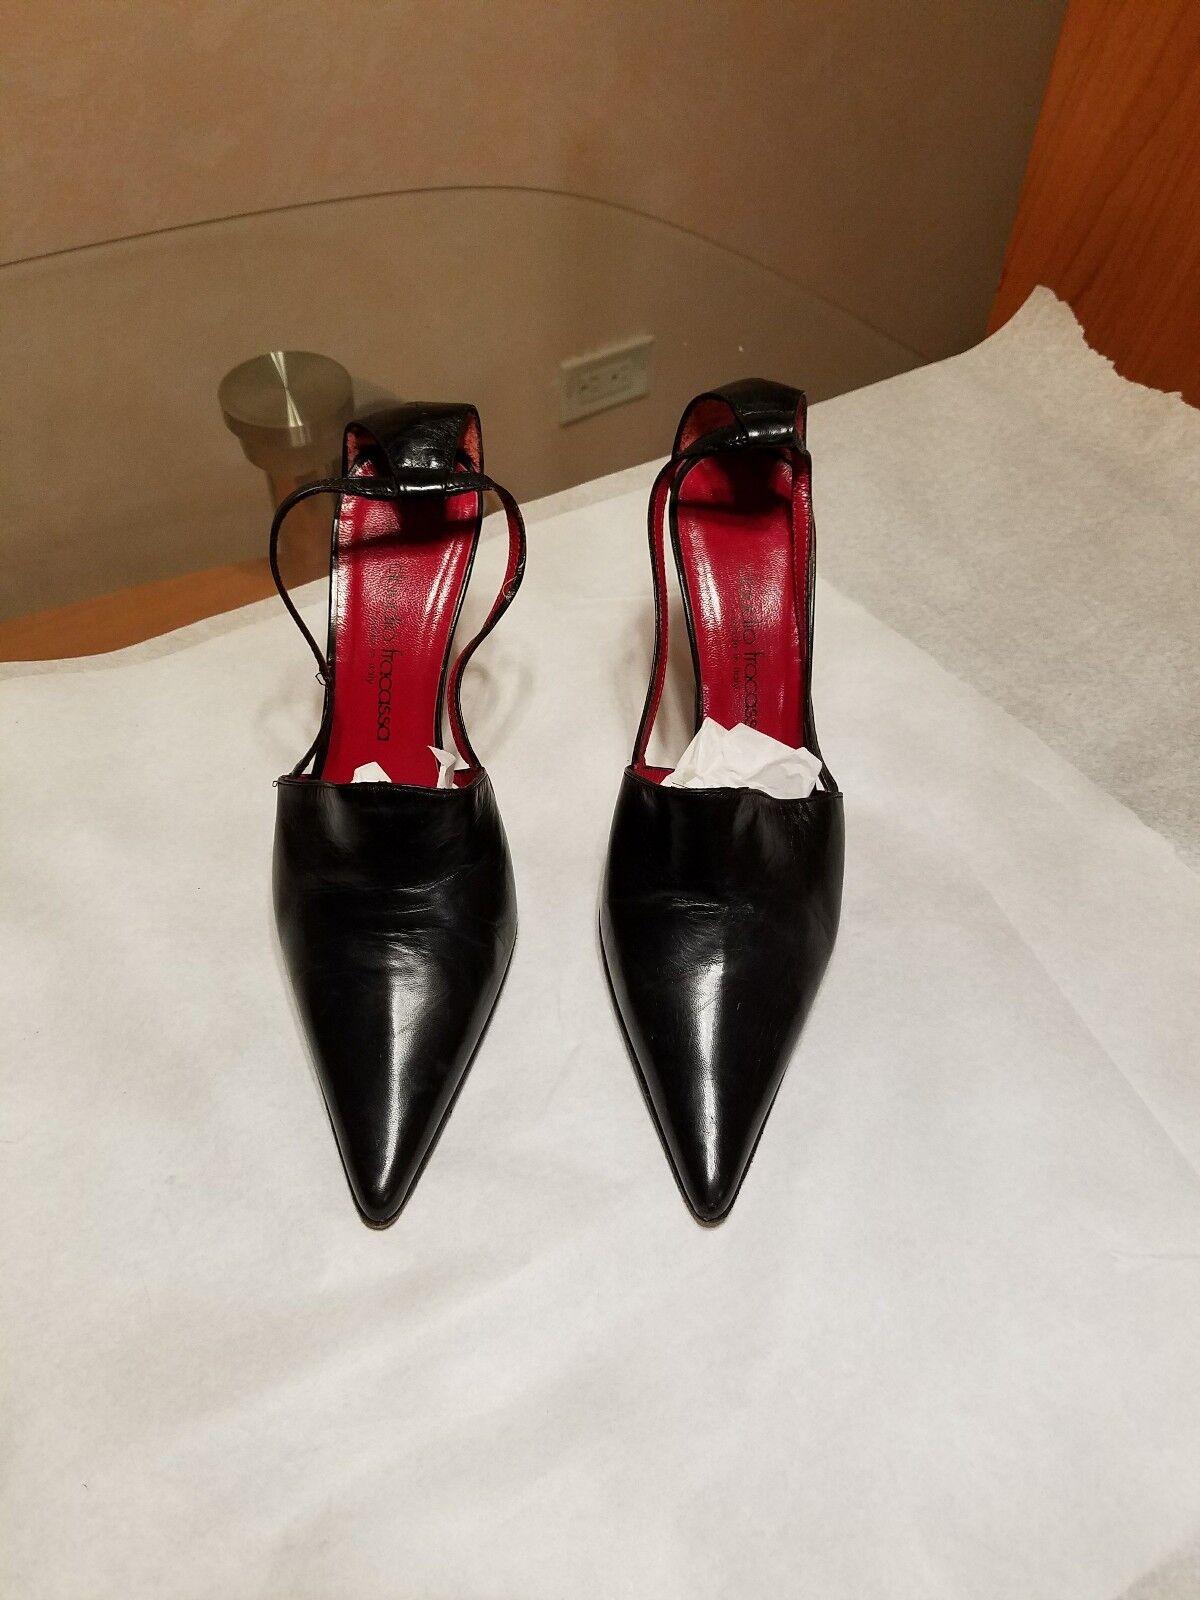 Claudio Cid Cid Cid para mujer vestido de cuero zapatos talla 37 euros Italia  promociones